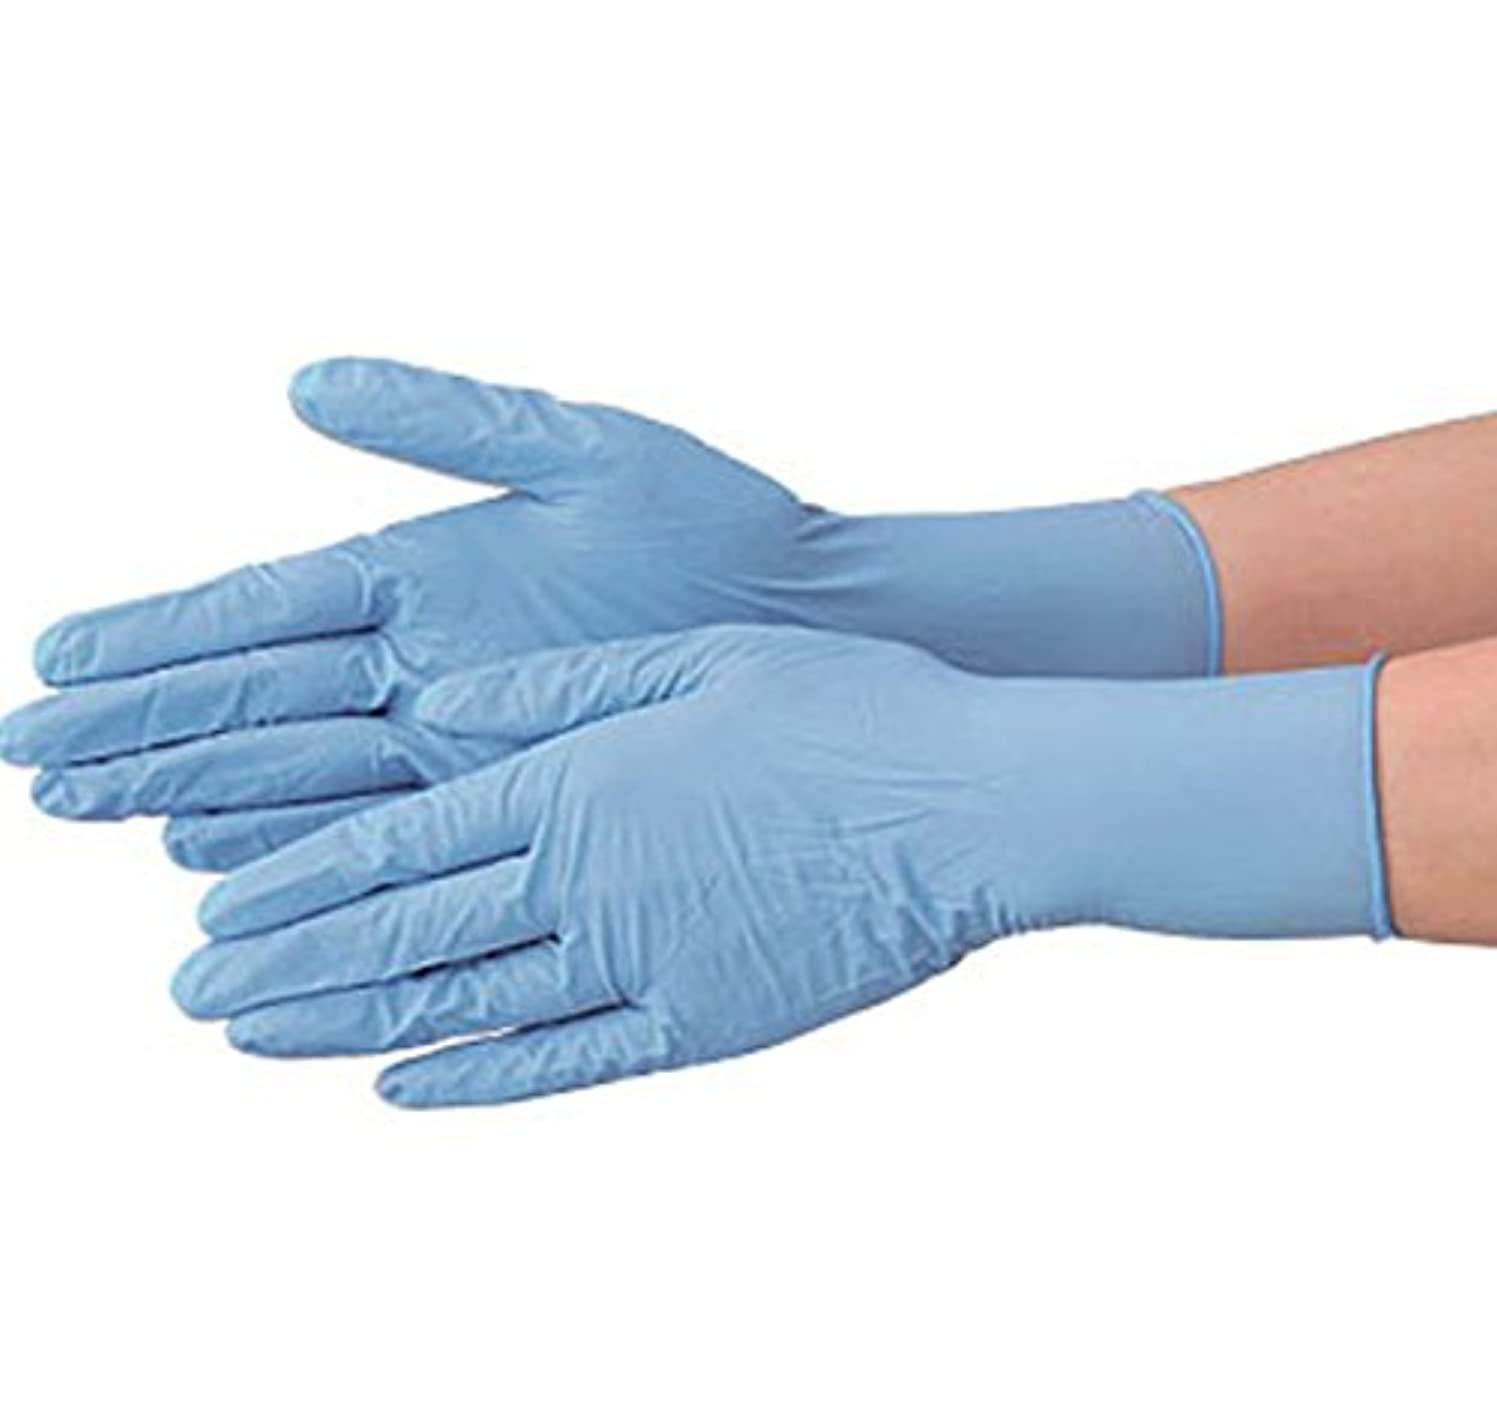 タクシー誠実さ配偶者使い捨て 手袋 エブノ 520 ニトリル 極薄手袋 パウダーフリー ブルー Sサイズ 2ケース(100枚×40箱)